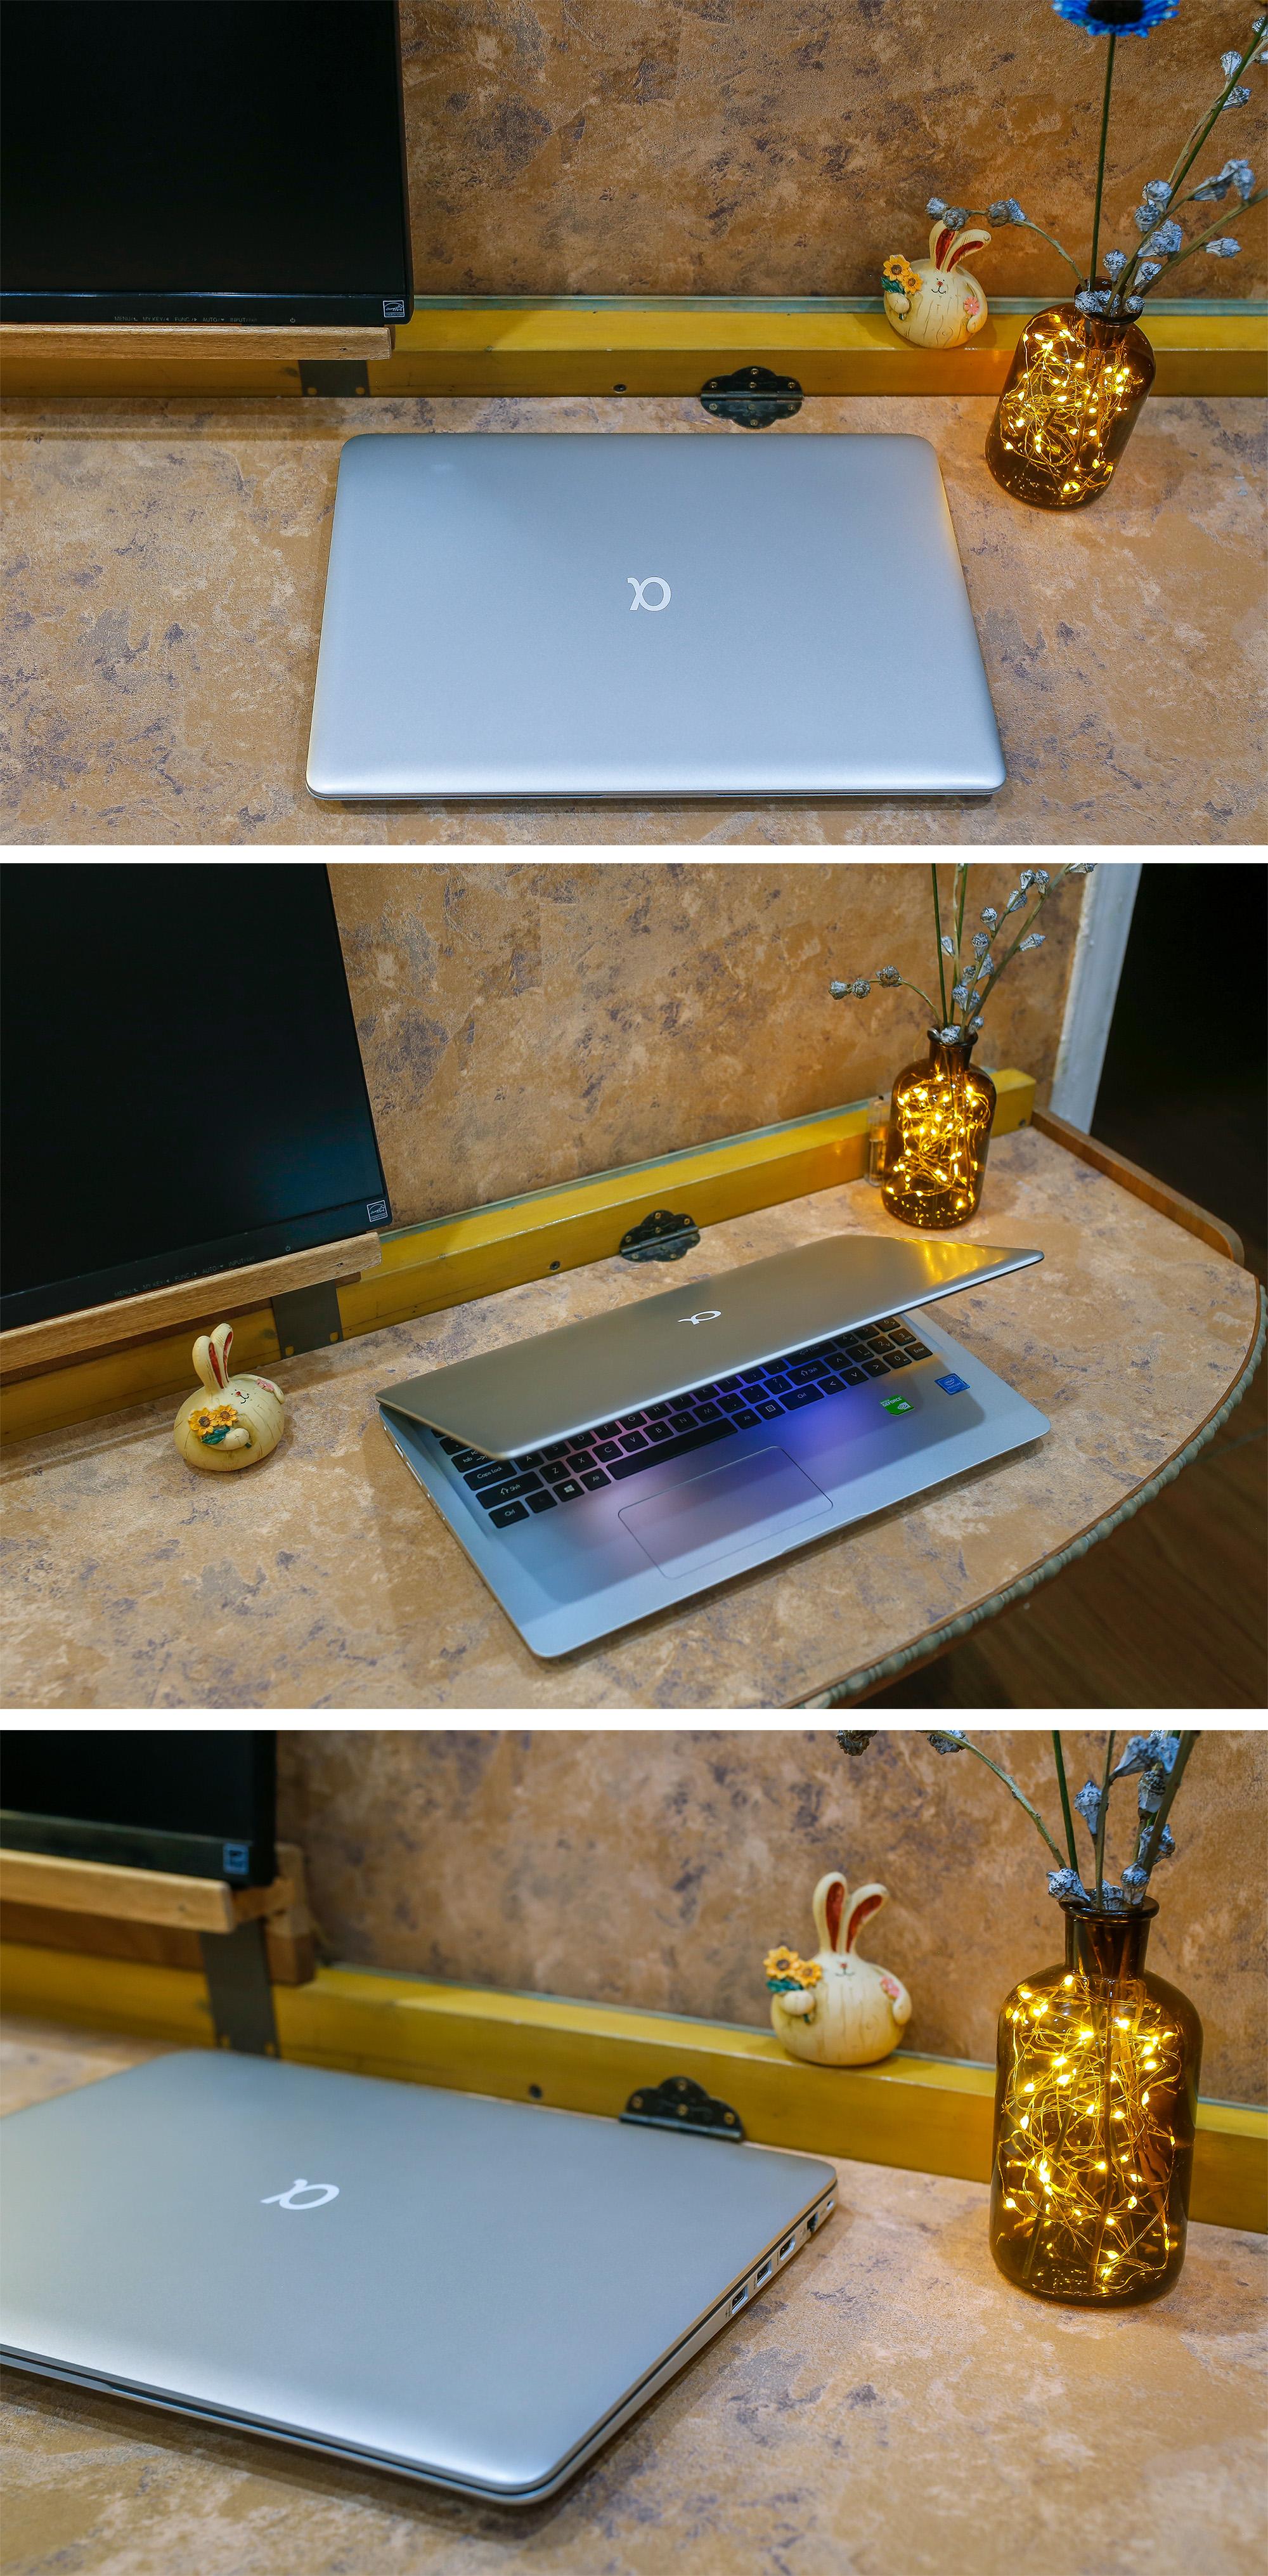 炫龙阿尔法L9商务办公笔记本电脑15.6英寸怎么样,入手评测评价